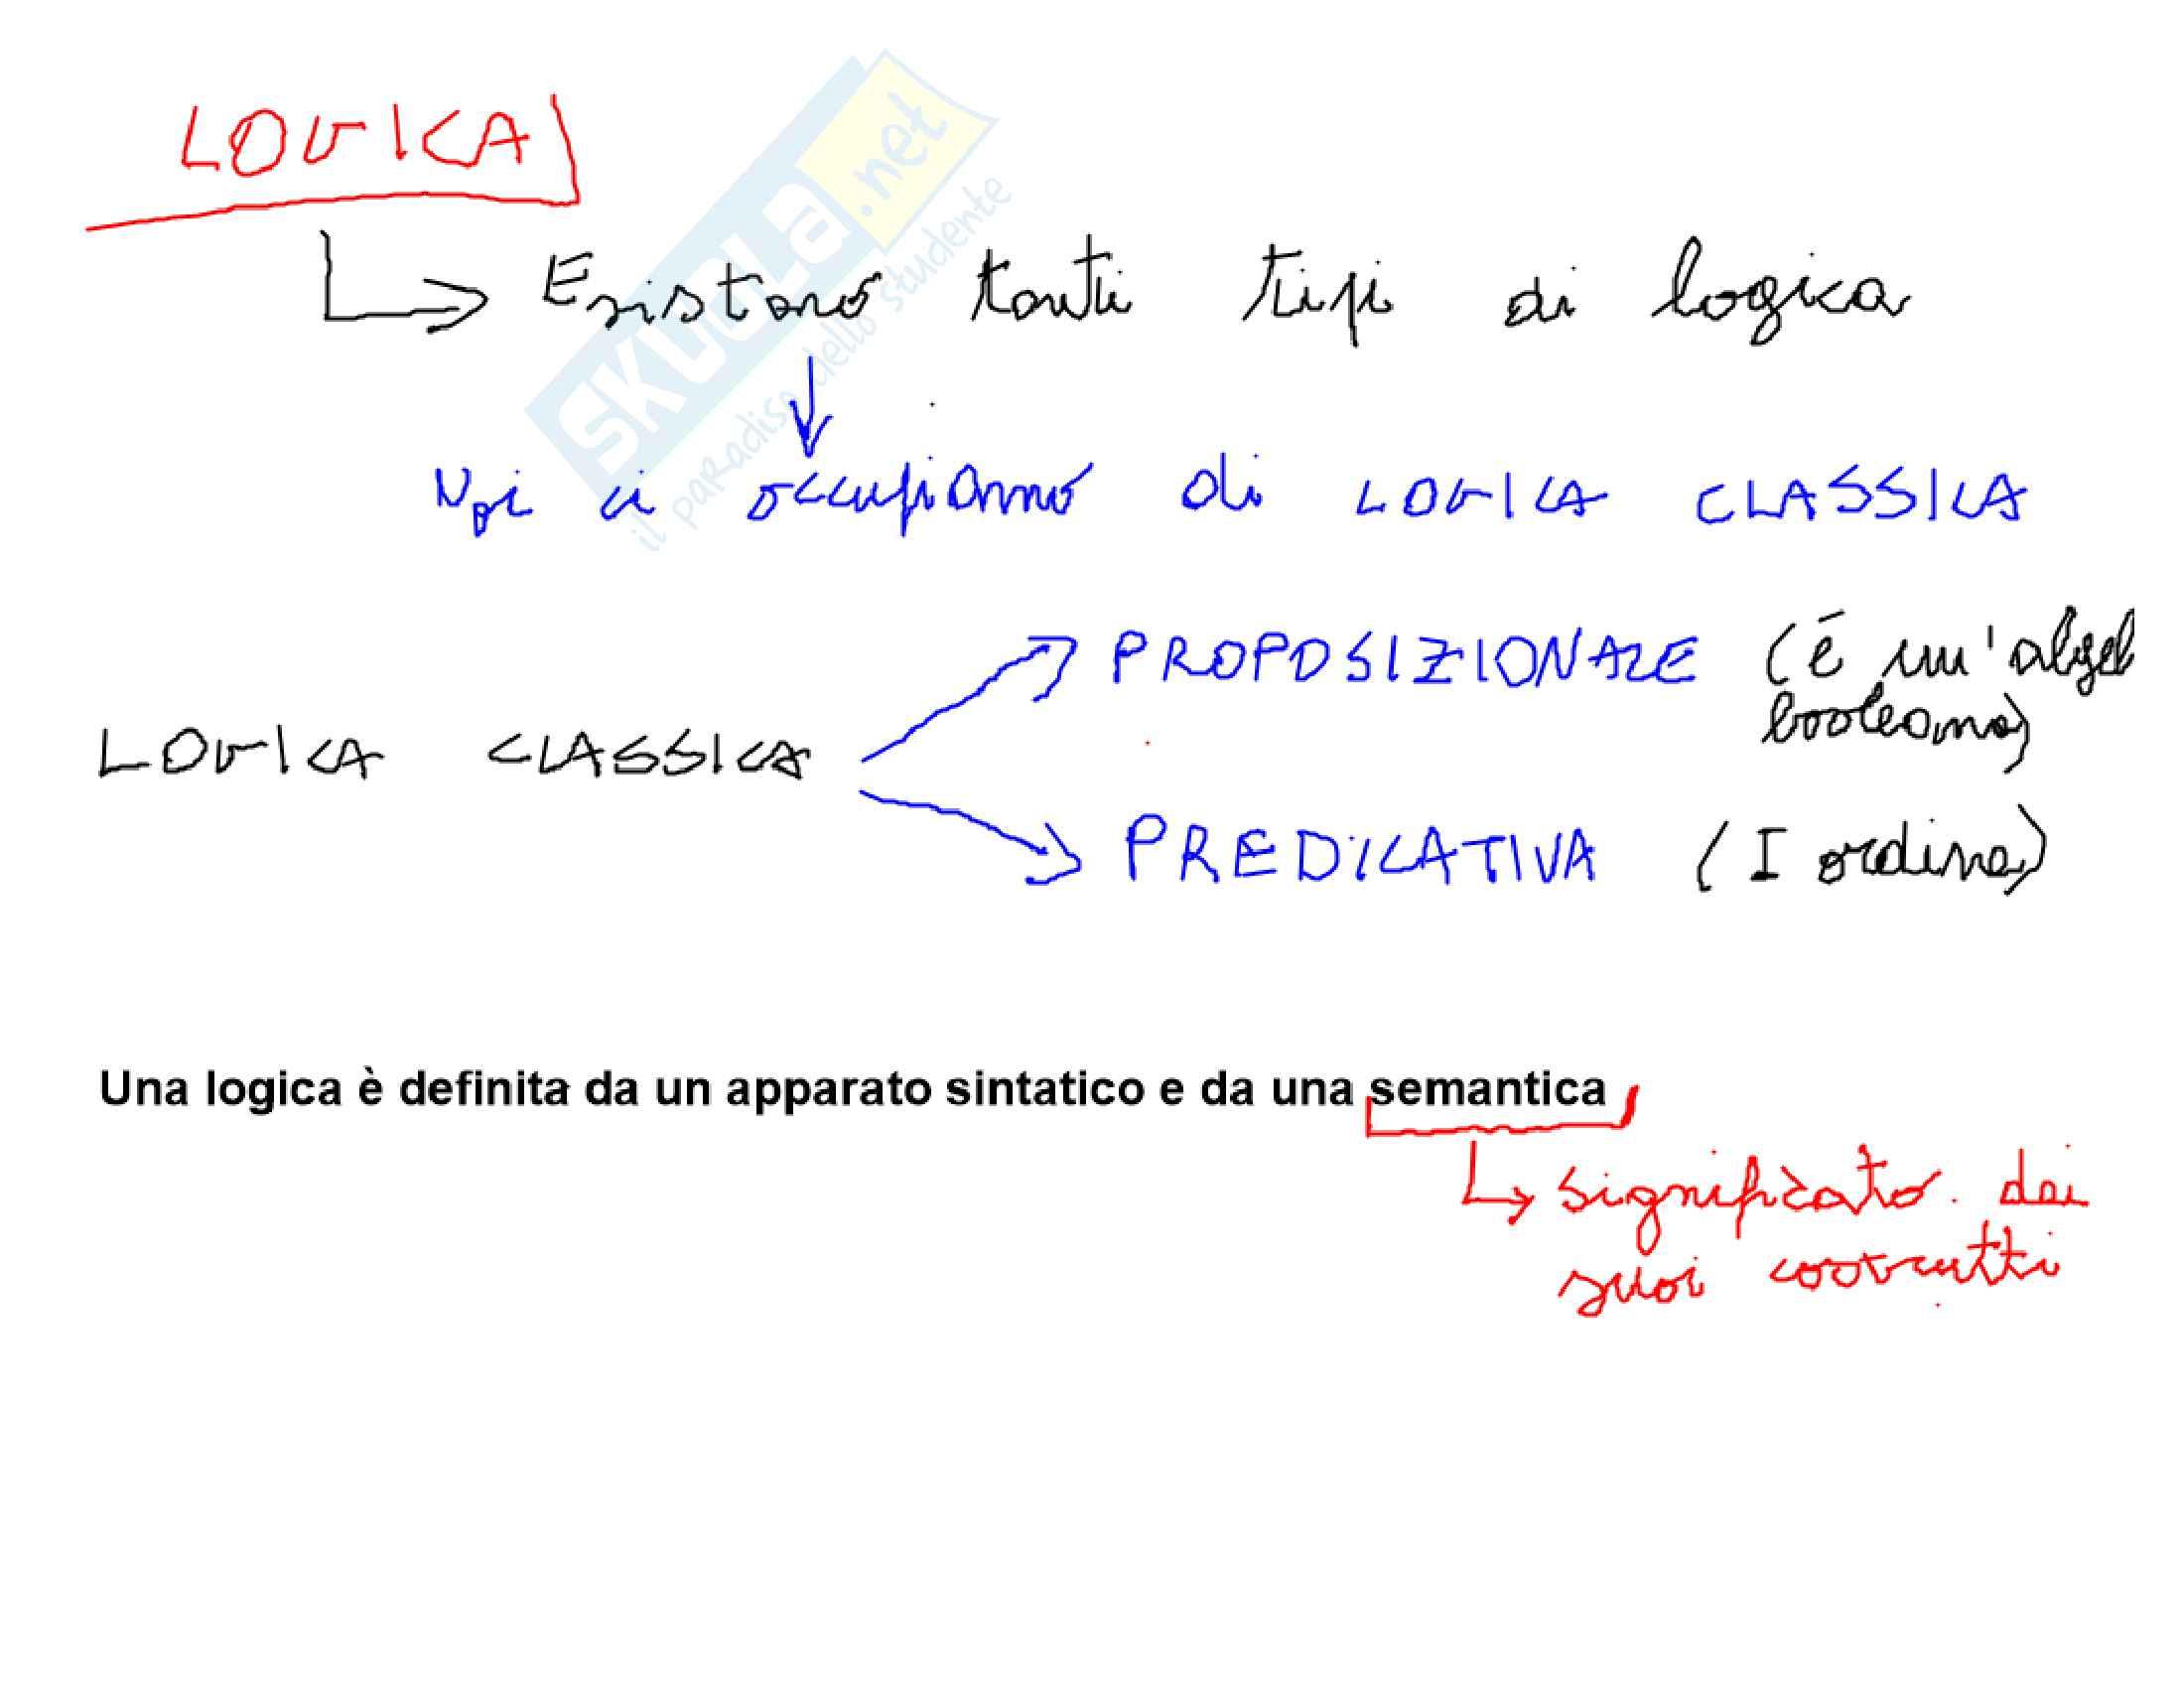 Appunti logica proposizionale e predicativa